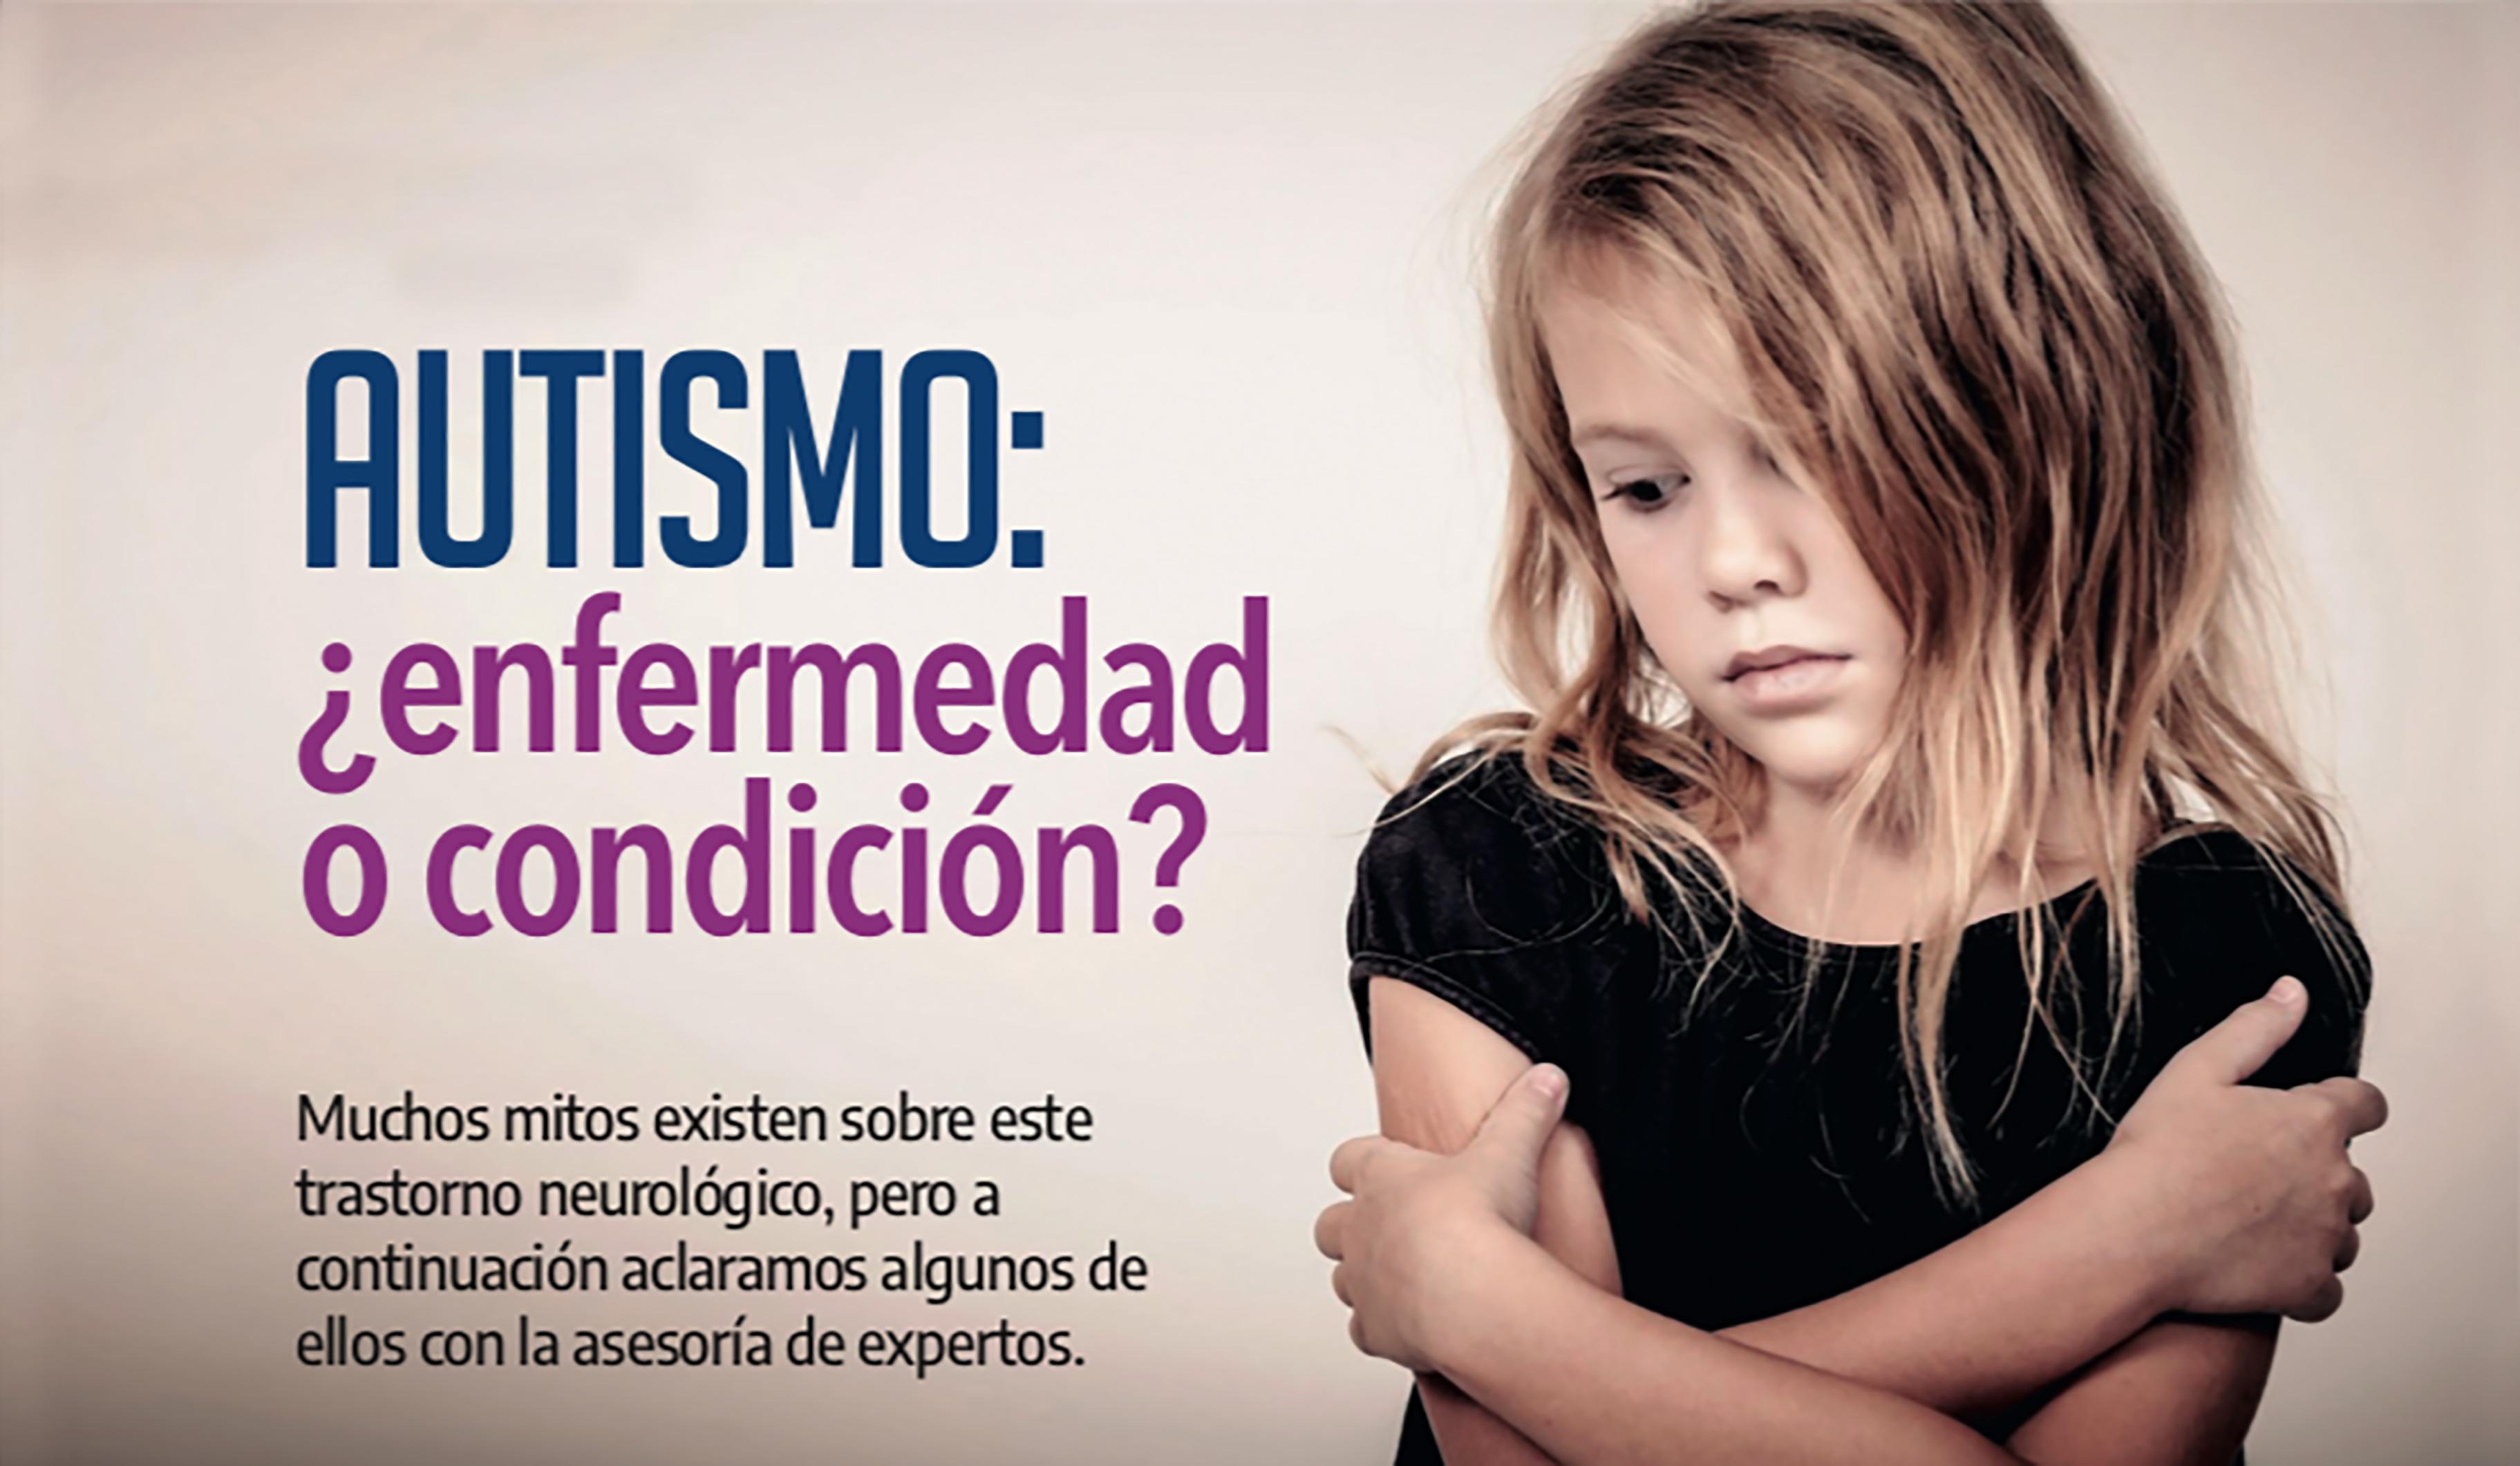 Autismo: ¿enfermedad o condición?